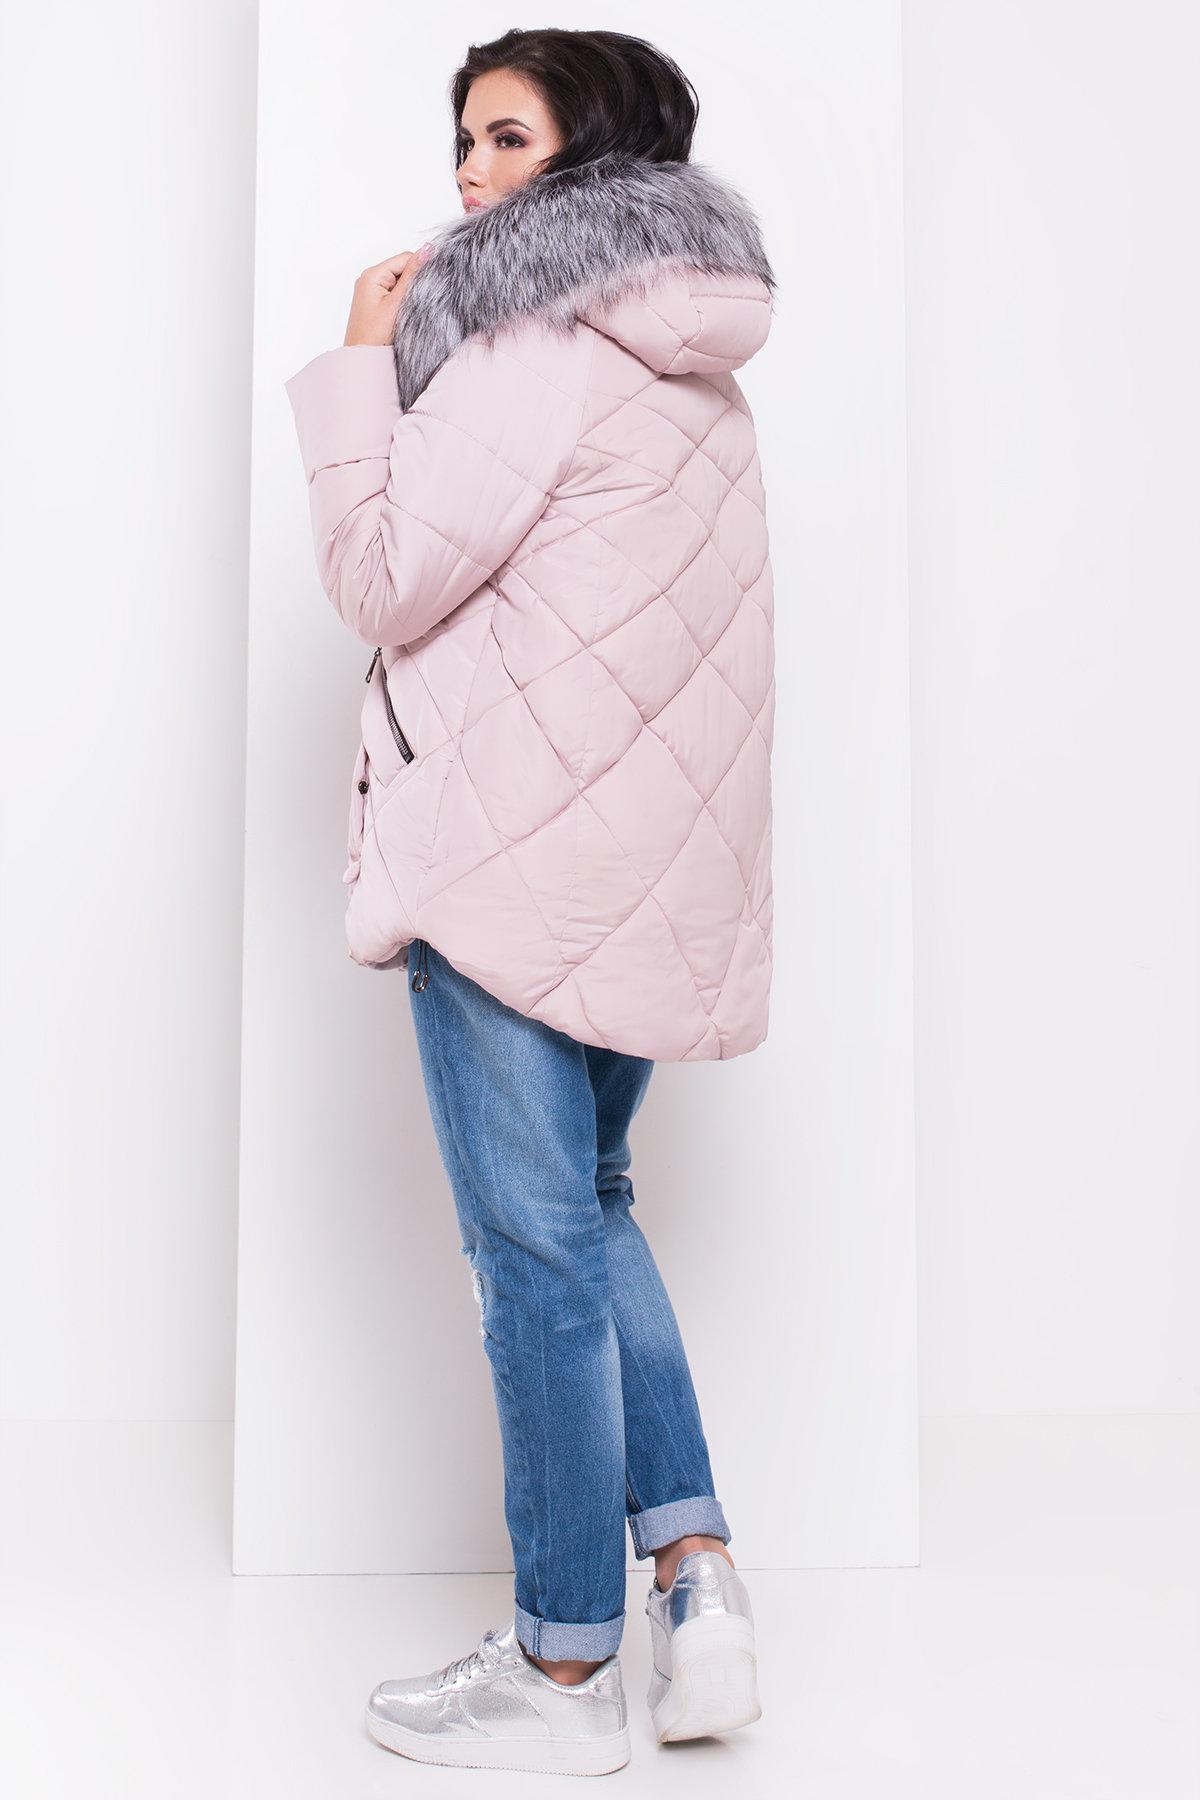 Куртка на зиму со стежкой ромбами Лисбет 3253 Цвет: Серо-розовый